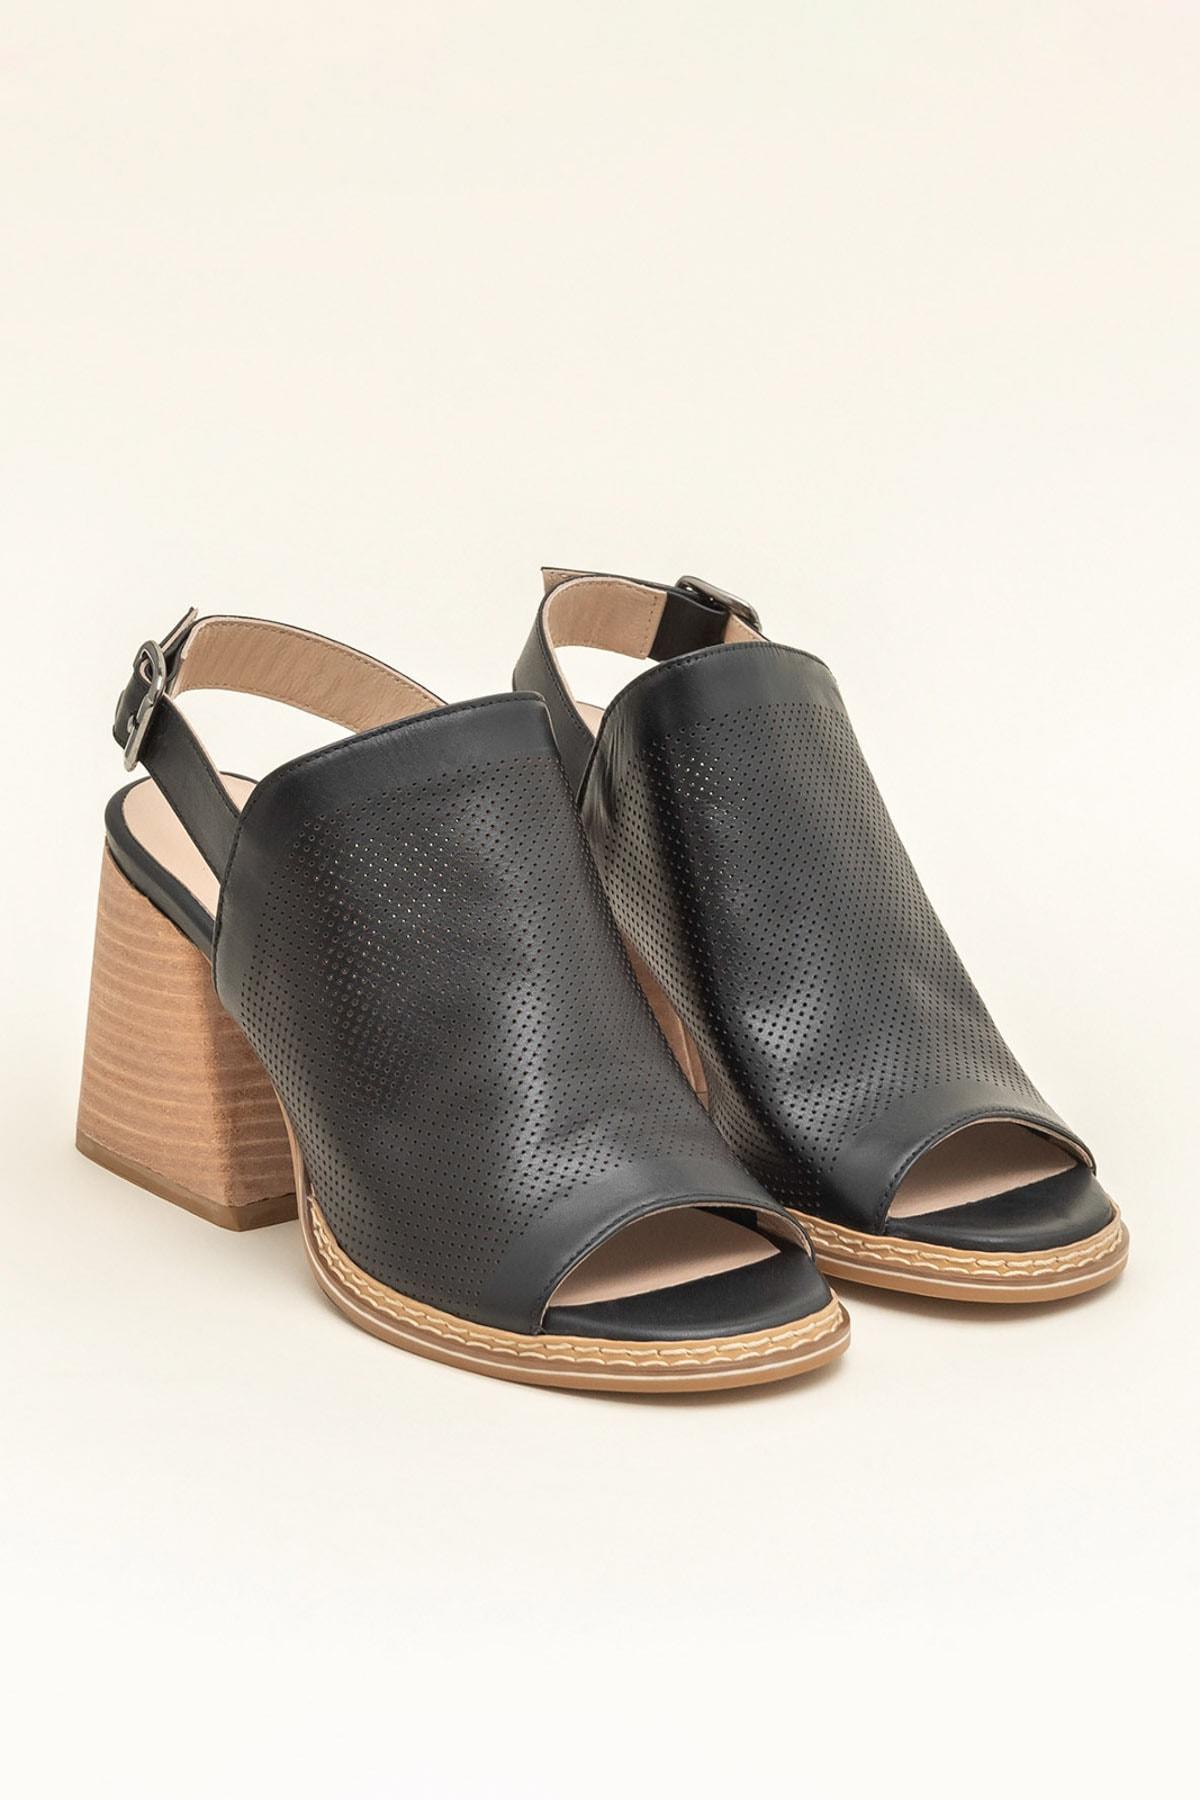 Elle Shoes PATRA Hakiki Deri Siyah Kadın Sandalet 2